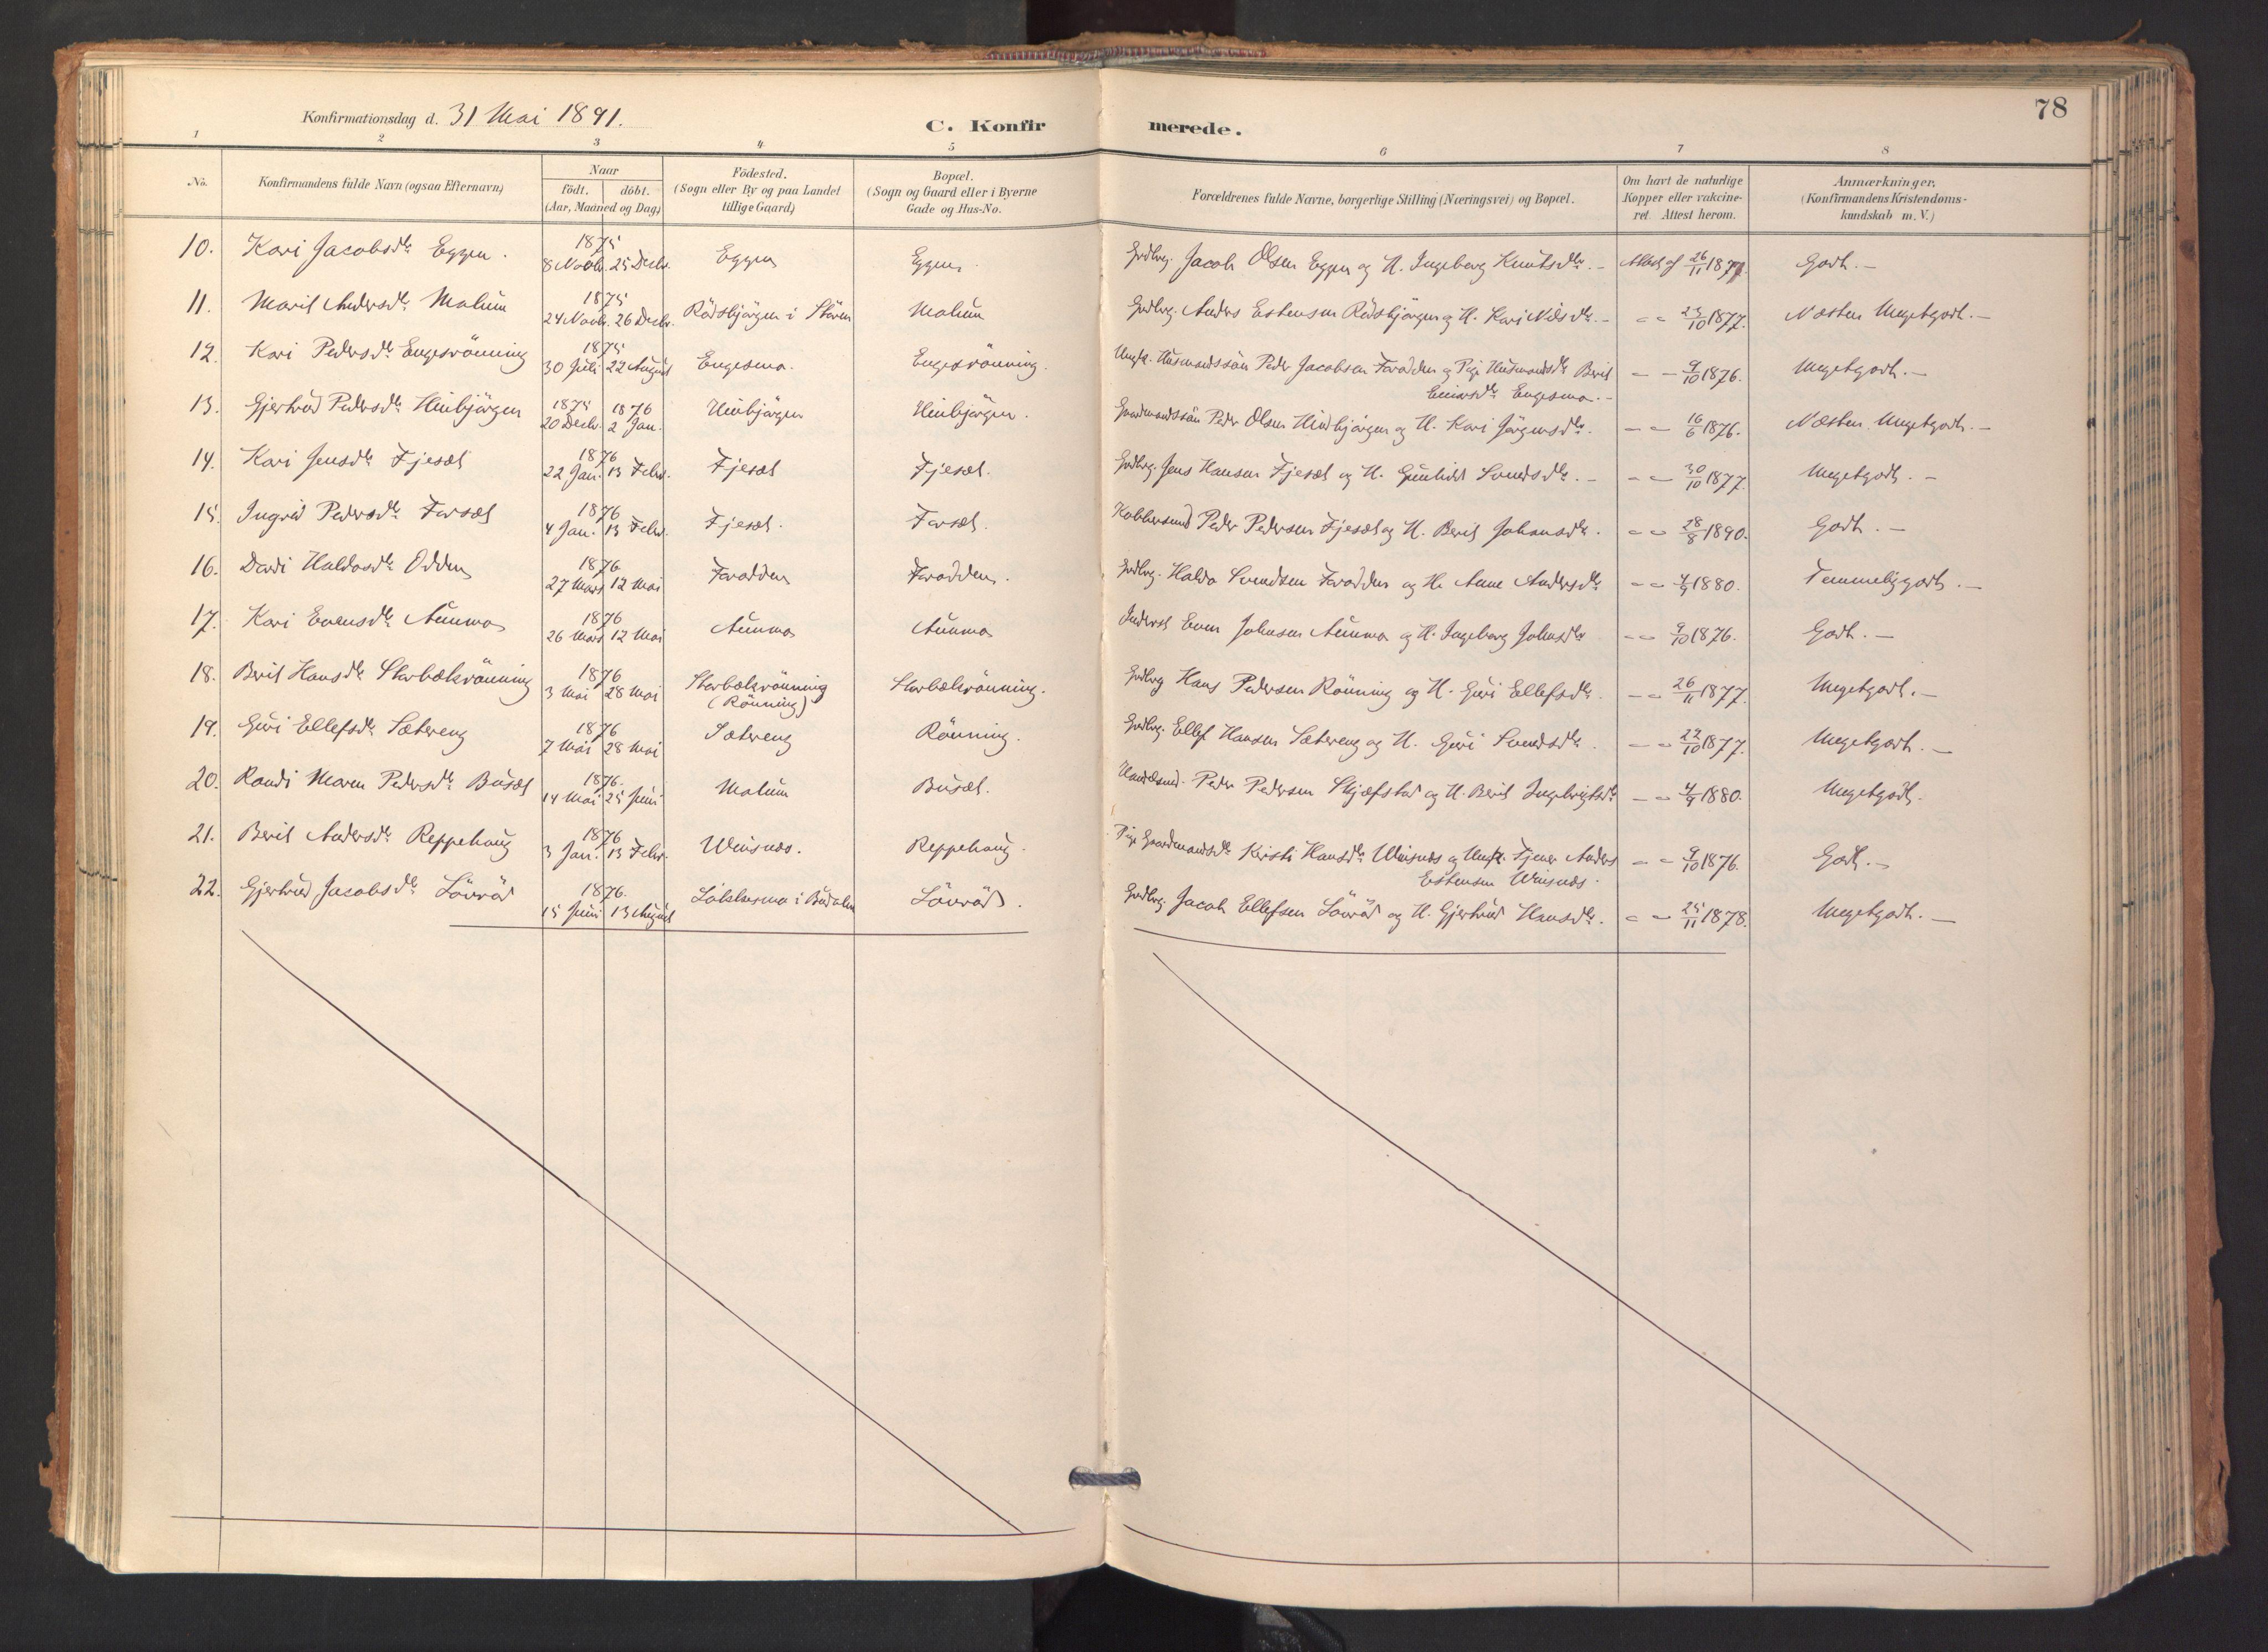 SAT, Ministerialprotokoller, klokkerbøker og fødselsregistre - Sør-Trøndelag, 688/L1025: Ministerialbok nr. 688A02, 1891-1909, s. 78